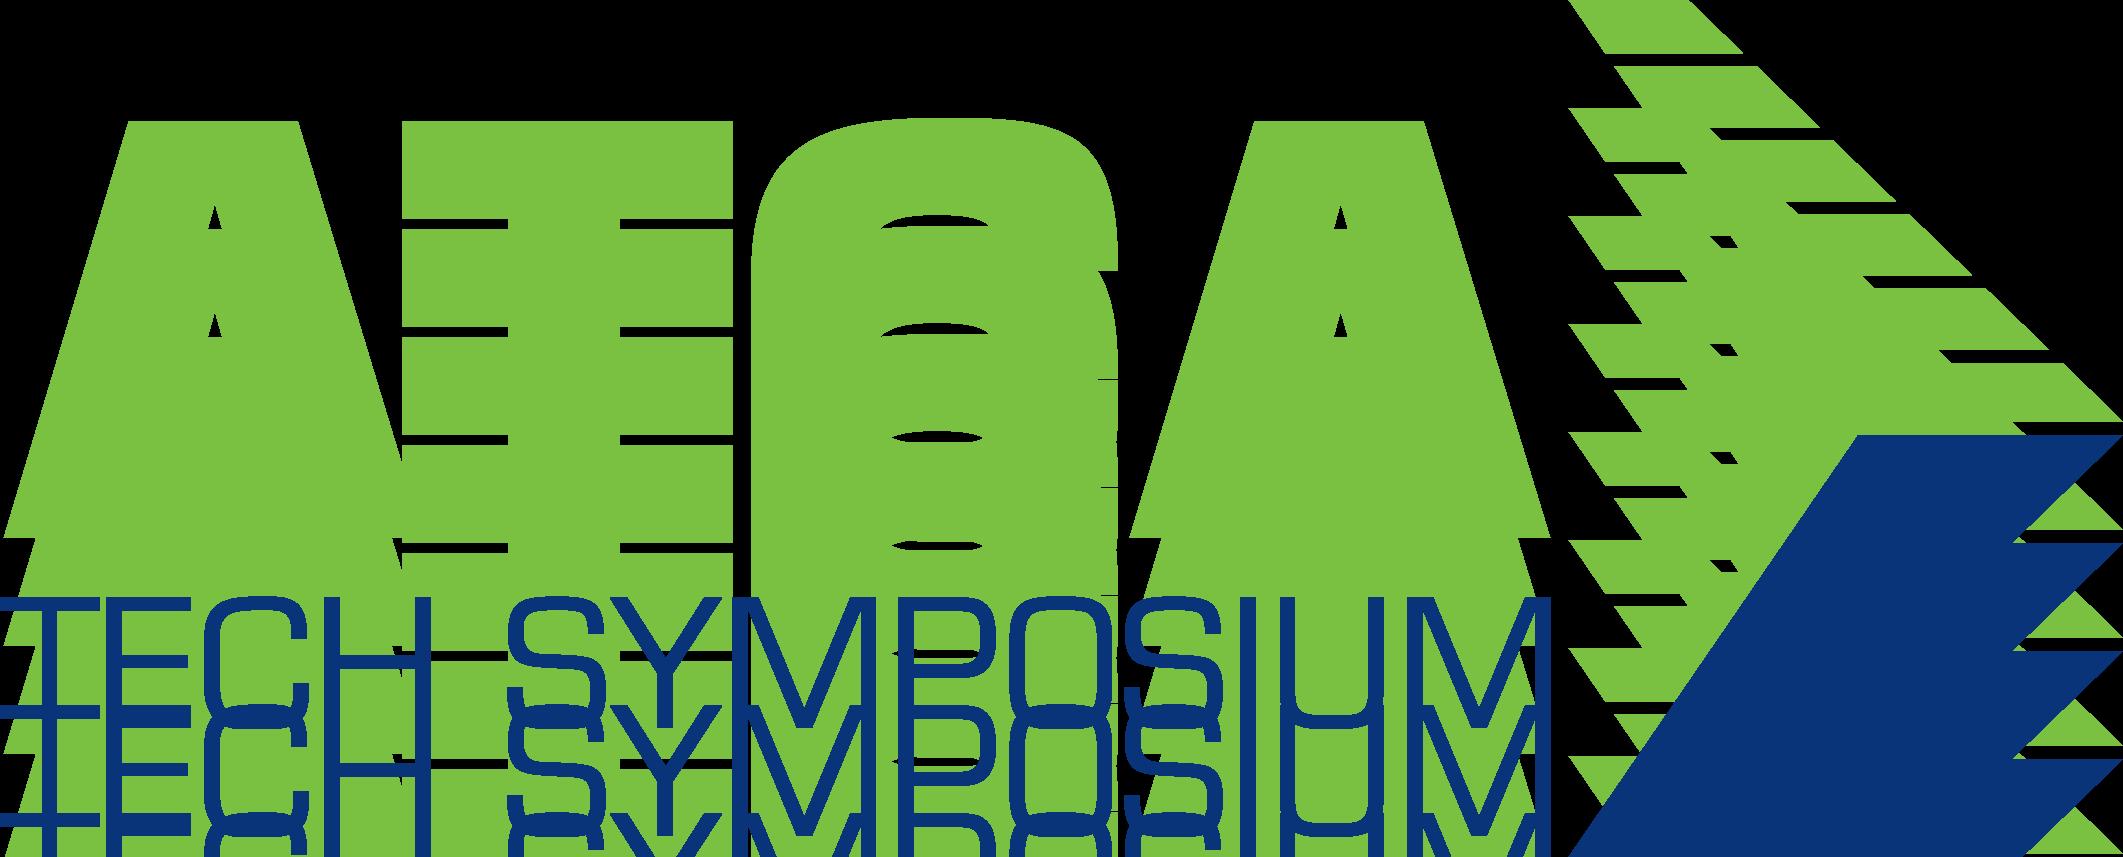 Cignus a Sponsor for ATCA Technical Symposium 2018